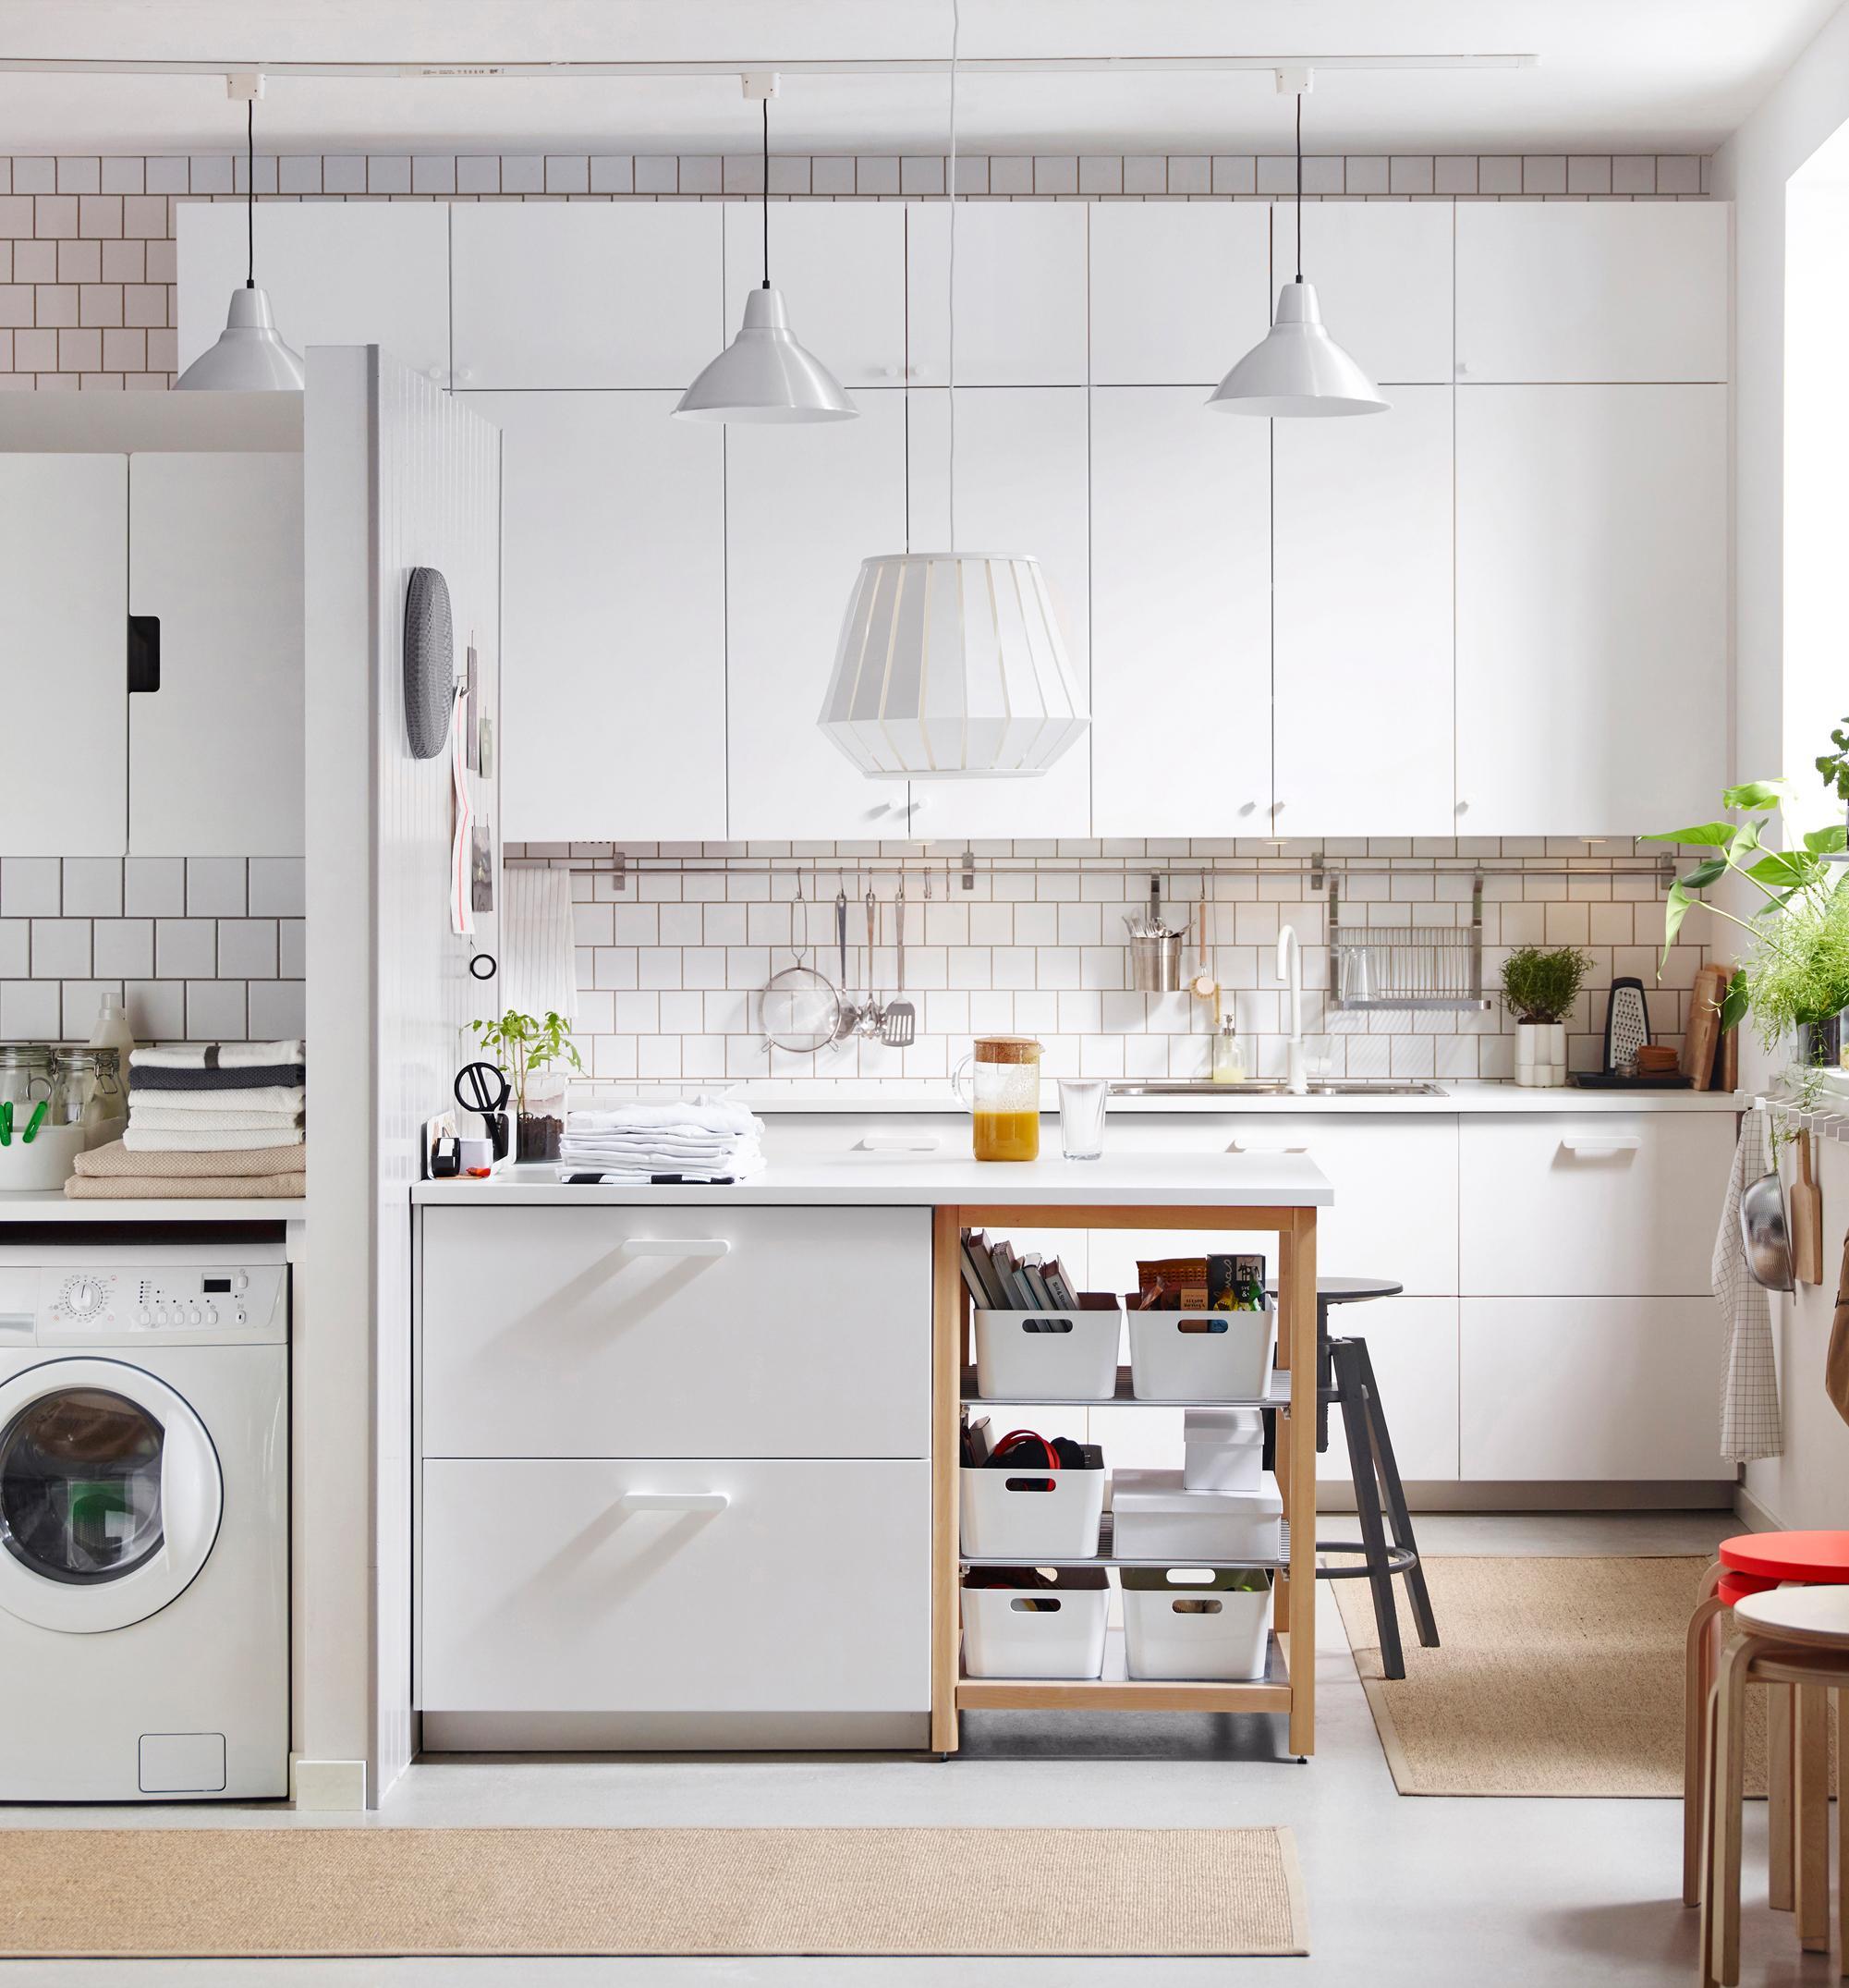 Full Size of Miniküche Mit Kühlschrank Bad Renovieren Ideen Ikea Stengel Wohnzimmer Tapeten Wohnzimmer Miniküche Ideen